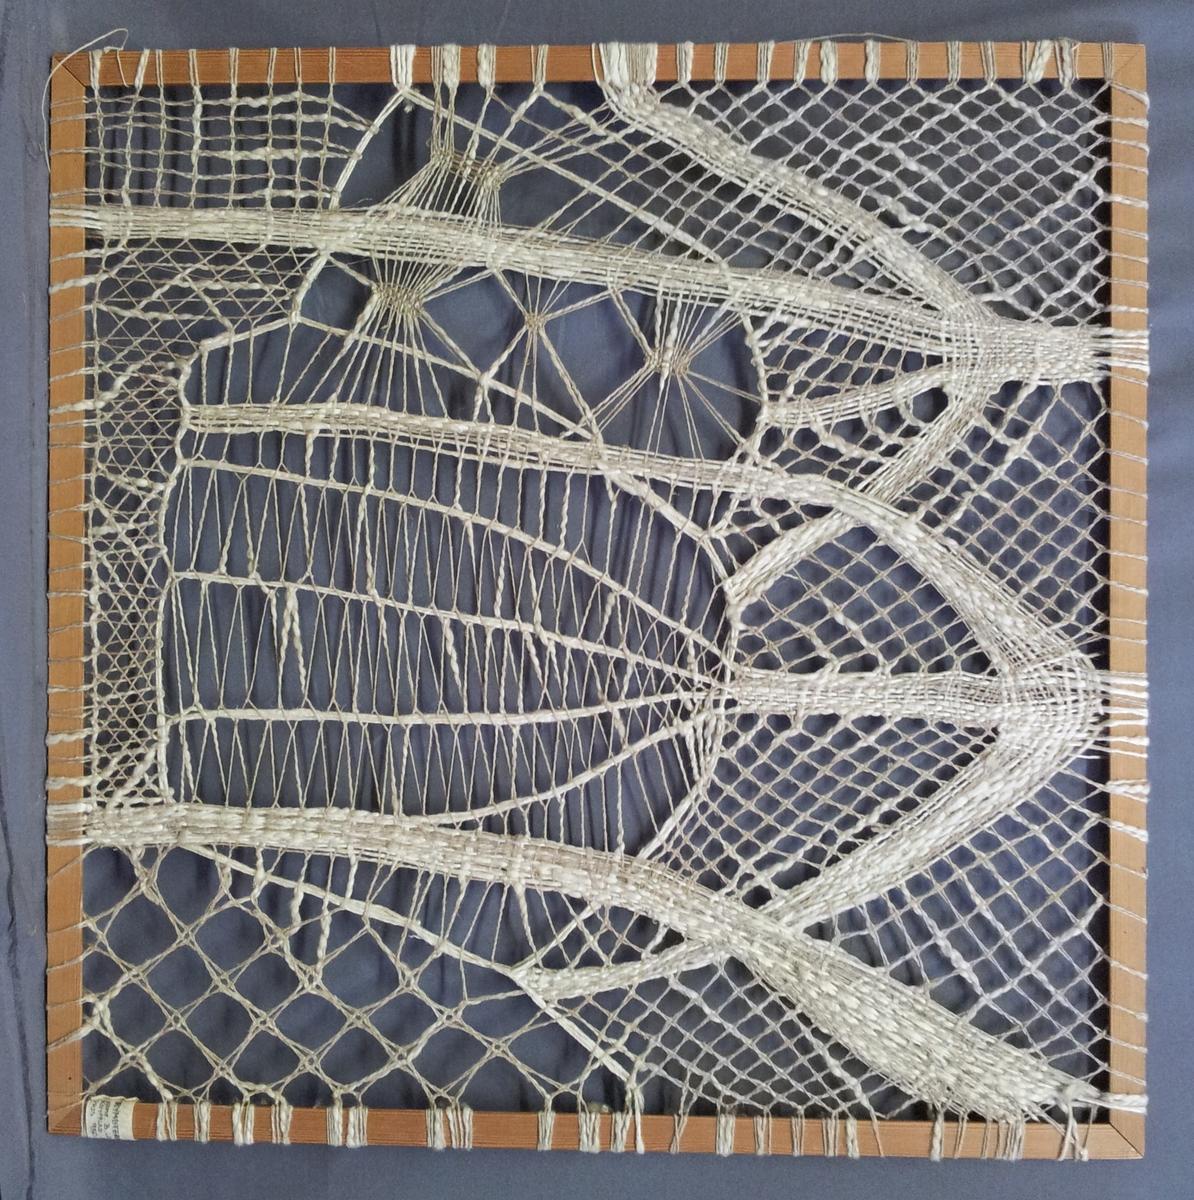 Fyrkantig träram med en knypplad bild i. Knypplingen är utförd direkt i ramen och har på så sätt spänts upp under arbetets gång. Motivet är inspirerat av tre stora, hängande lampor. Arbetet är utfört i dels ett tvåtrådigt, oblekt lingarn, dels i ett halvblekt, lösspunnet grovt lingarn.